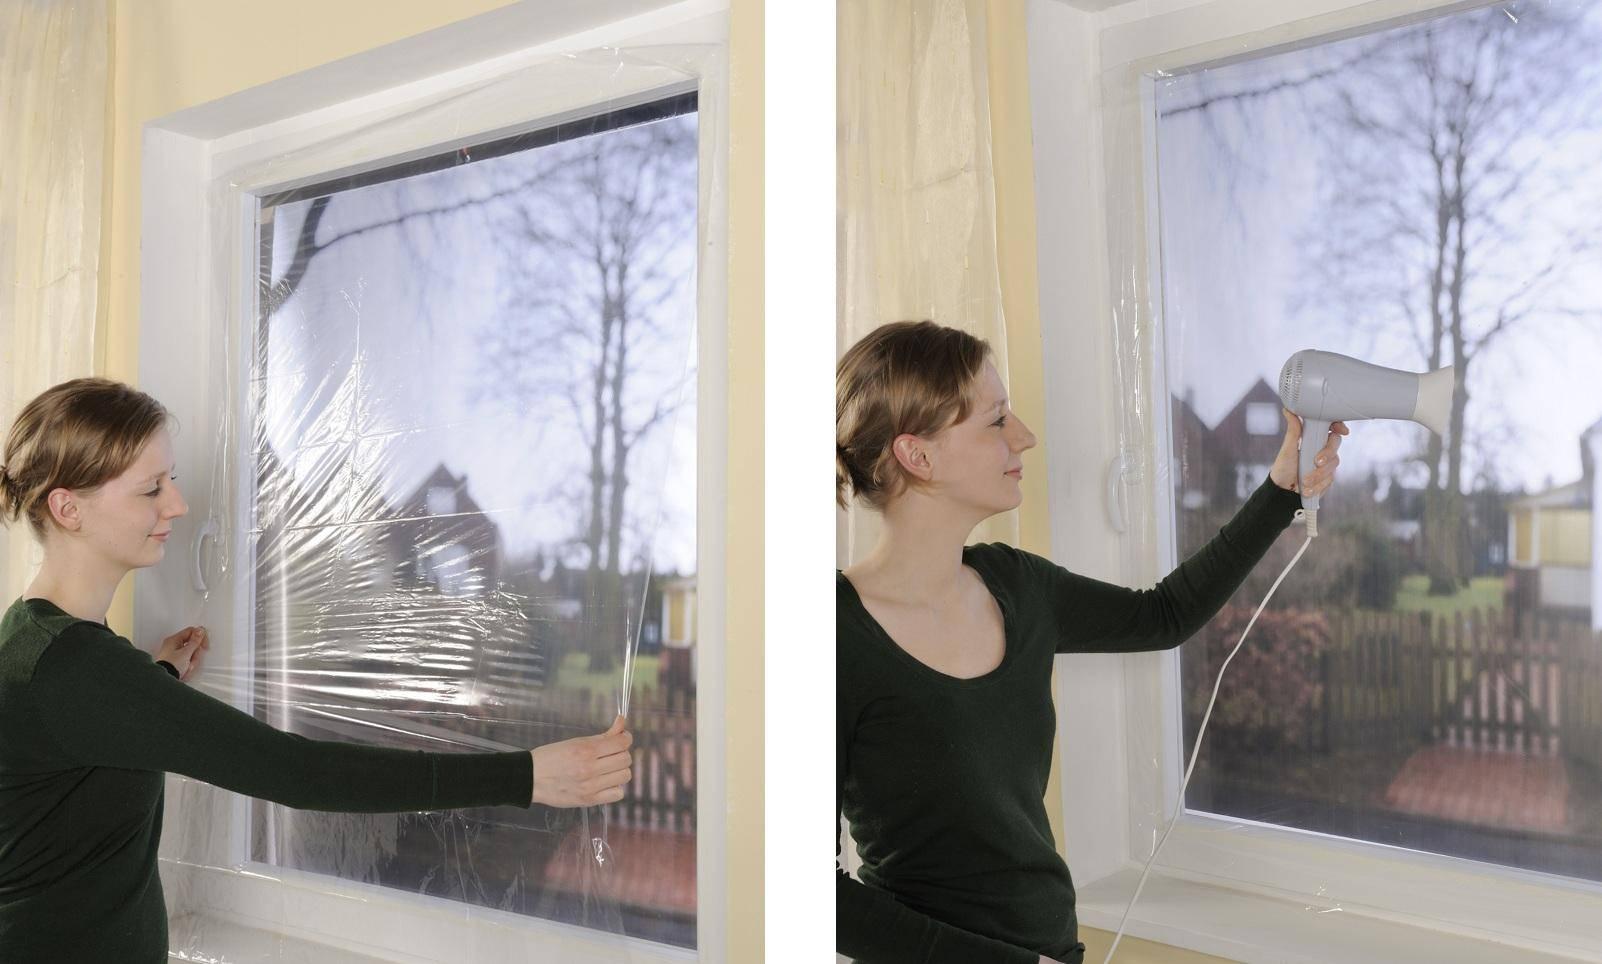 Окна с подогревом - что это такое: пластиковые греющие окна, обогреватель на окно